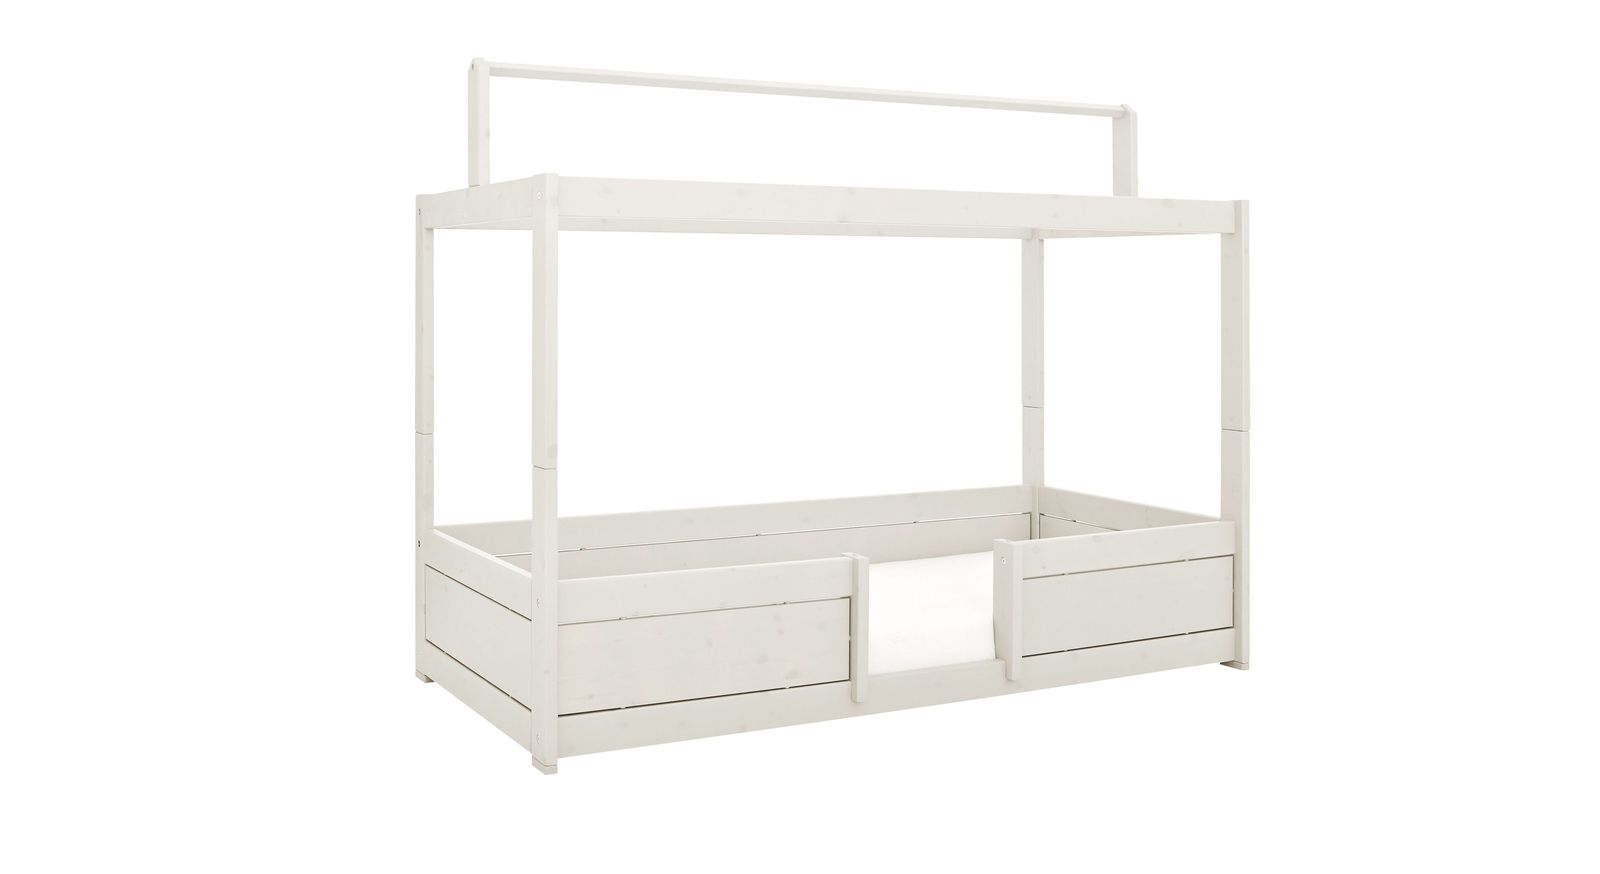 LIFETIME Kinderbetten 4-in-1 aus weiß lasierter Kiefer